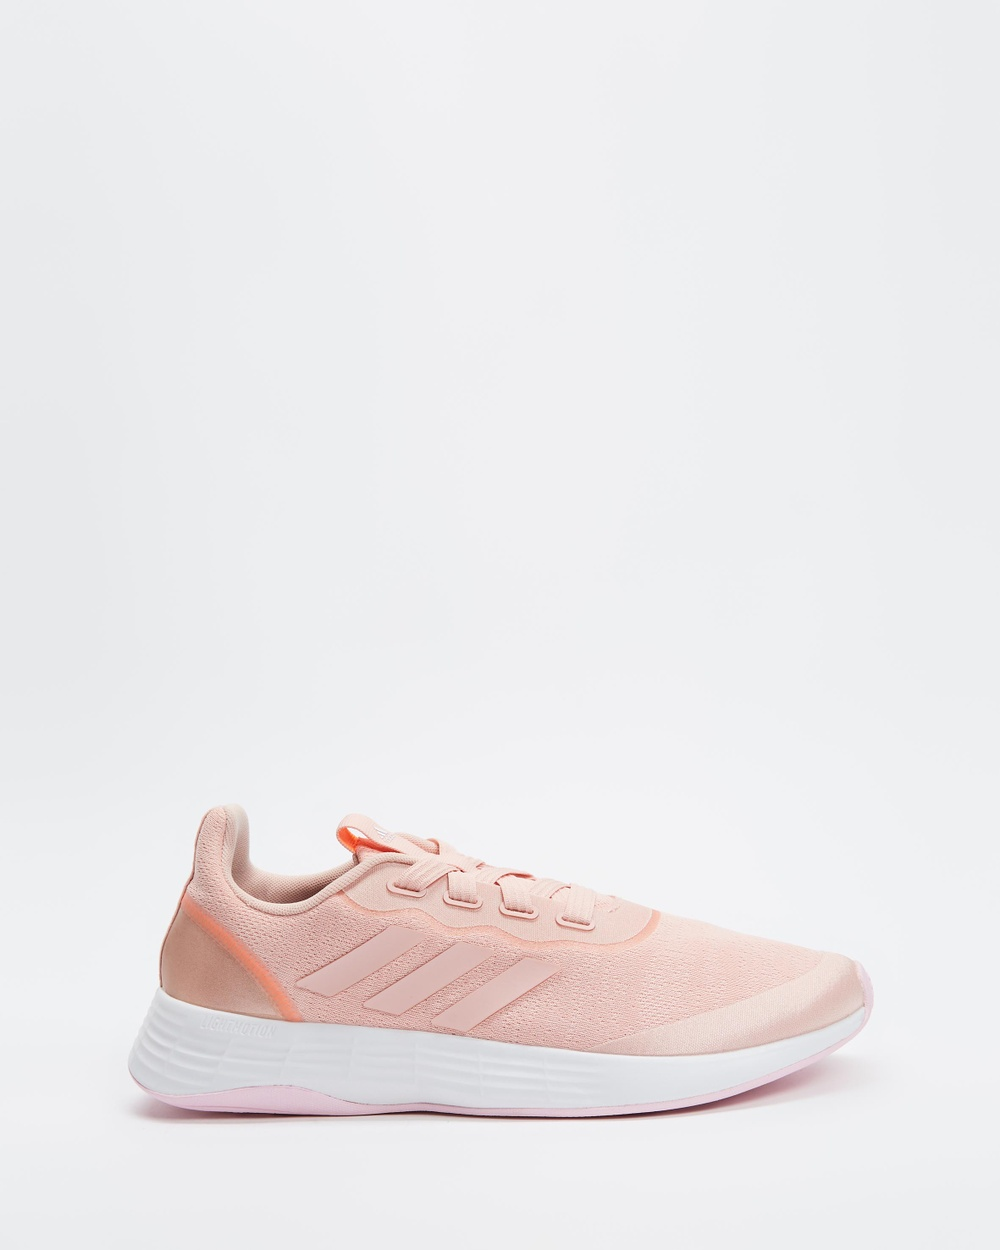 adidas Performance QT Racer Sport Shoes Women's Vapour Pink, Vapour Pink & Screaming Orange